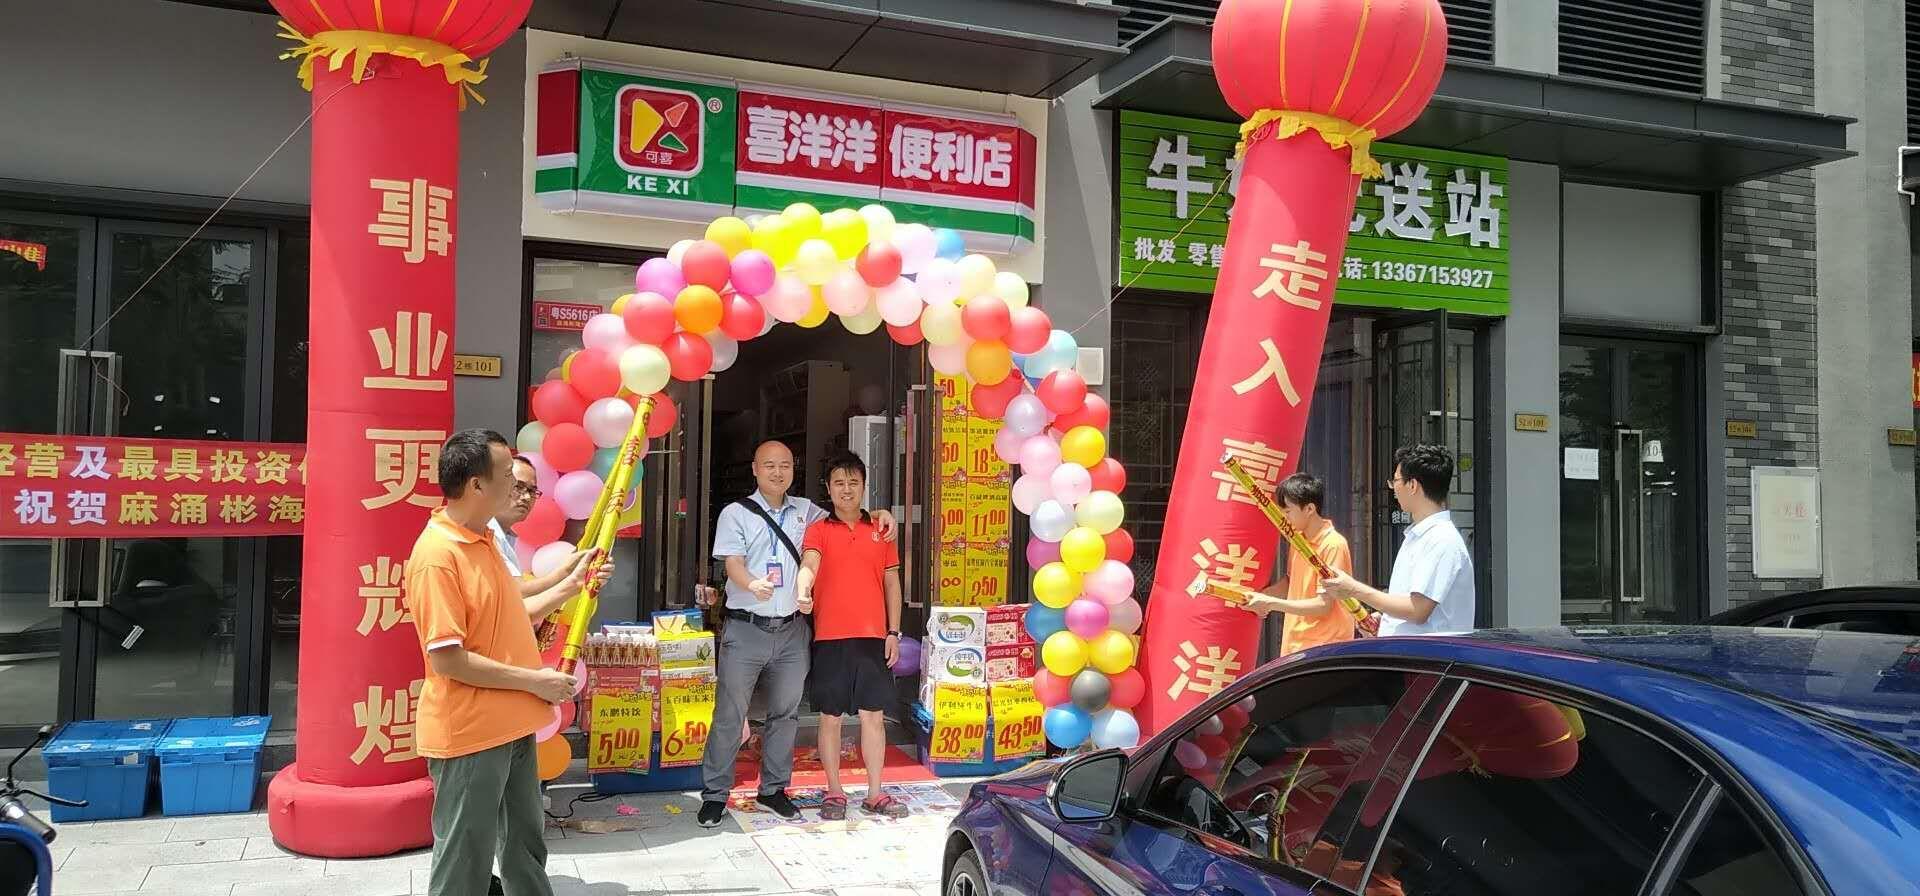 热烈祝贺喜洋洋6月3日又迎来新店开业:麻涌彬海分店